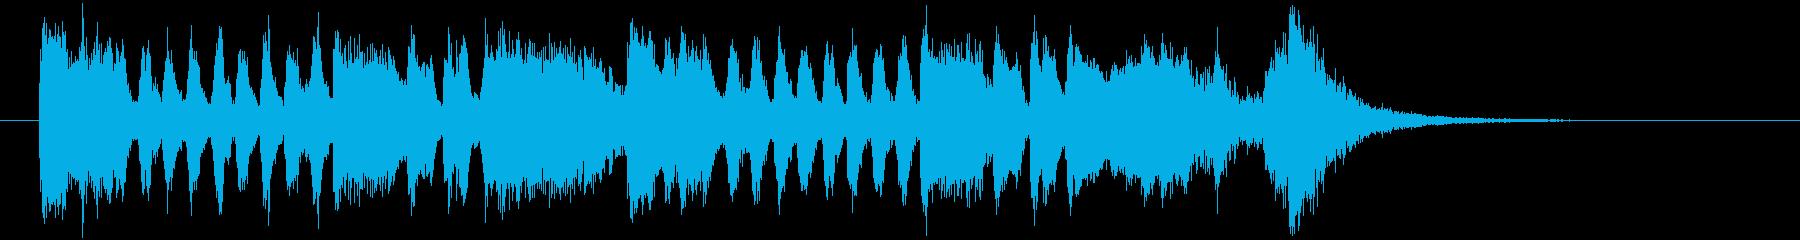 ファンファーレのジングル。の再生済みの波形